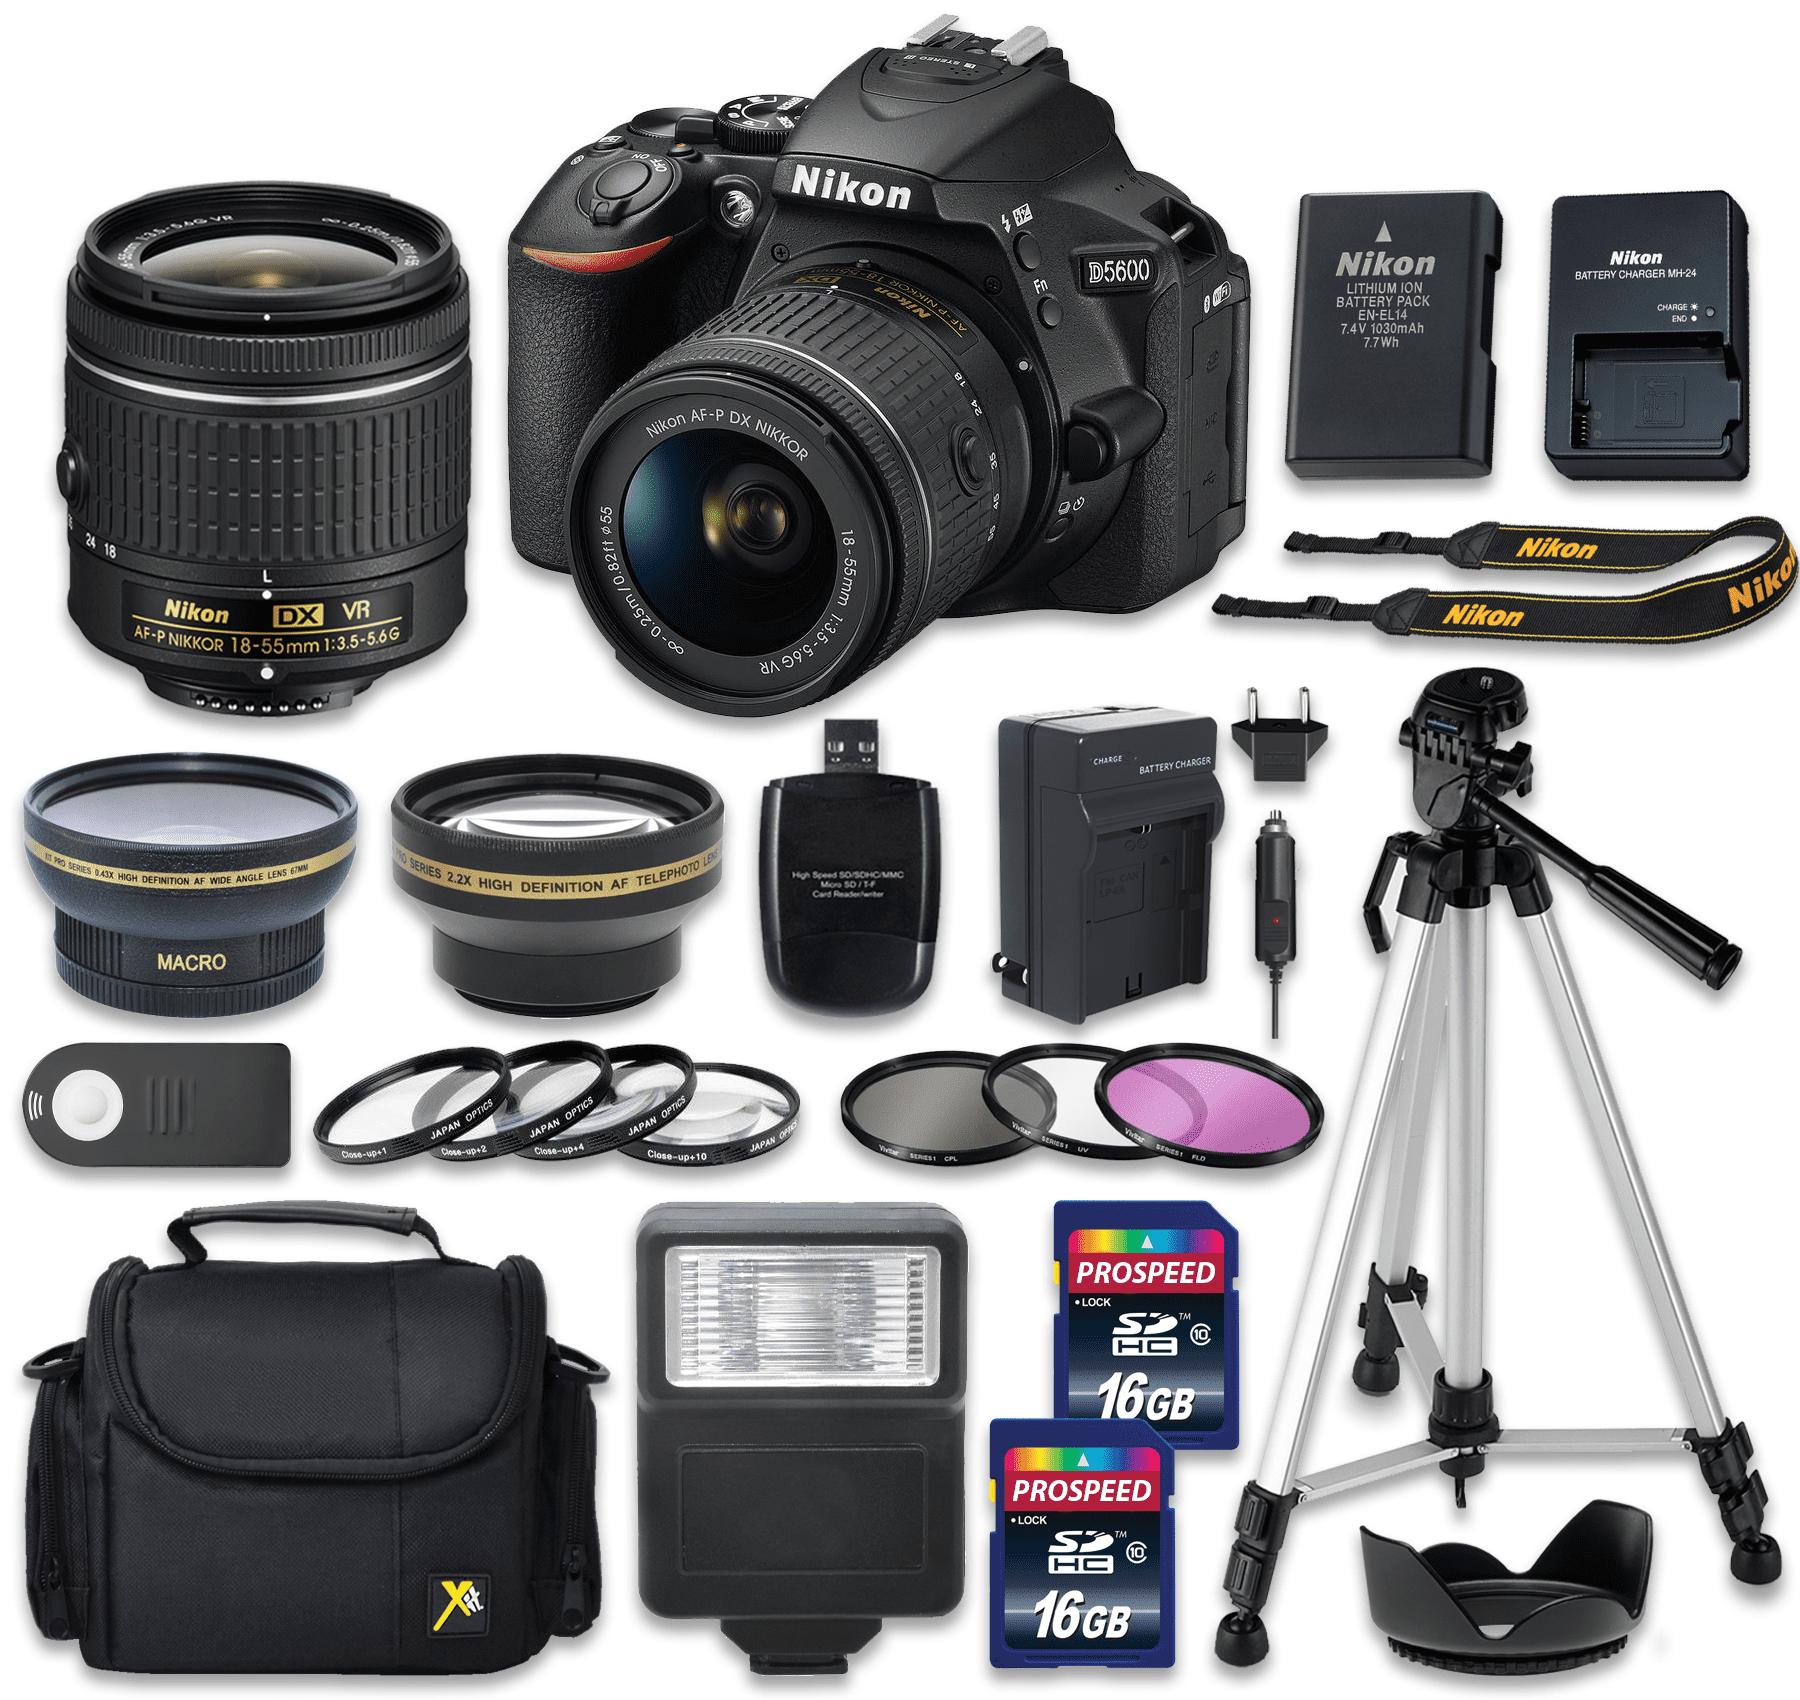 D5600 DX-format Digital SLR Body with 18-55mm VR Lens (Vi...